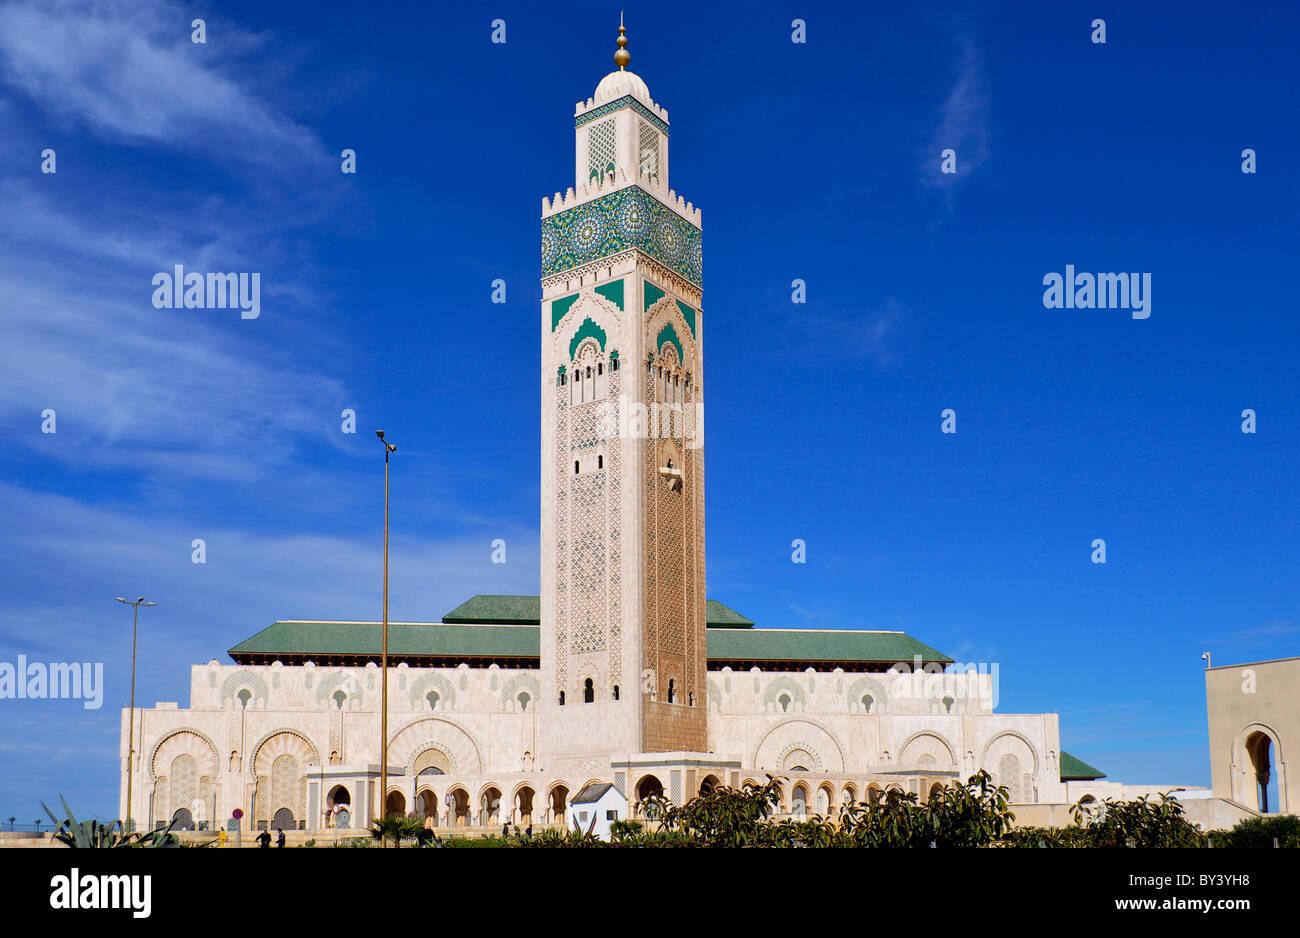 Casablanca Innenstadt, Moschee in der Innenstadt, Hassan II.-Moschee, Casablanca city center, mosque in the city, Stock Photo